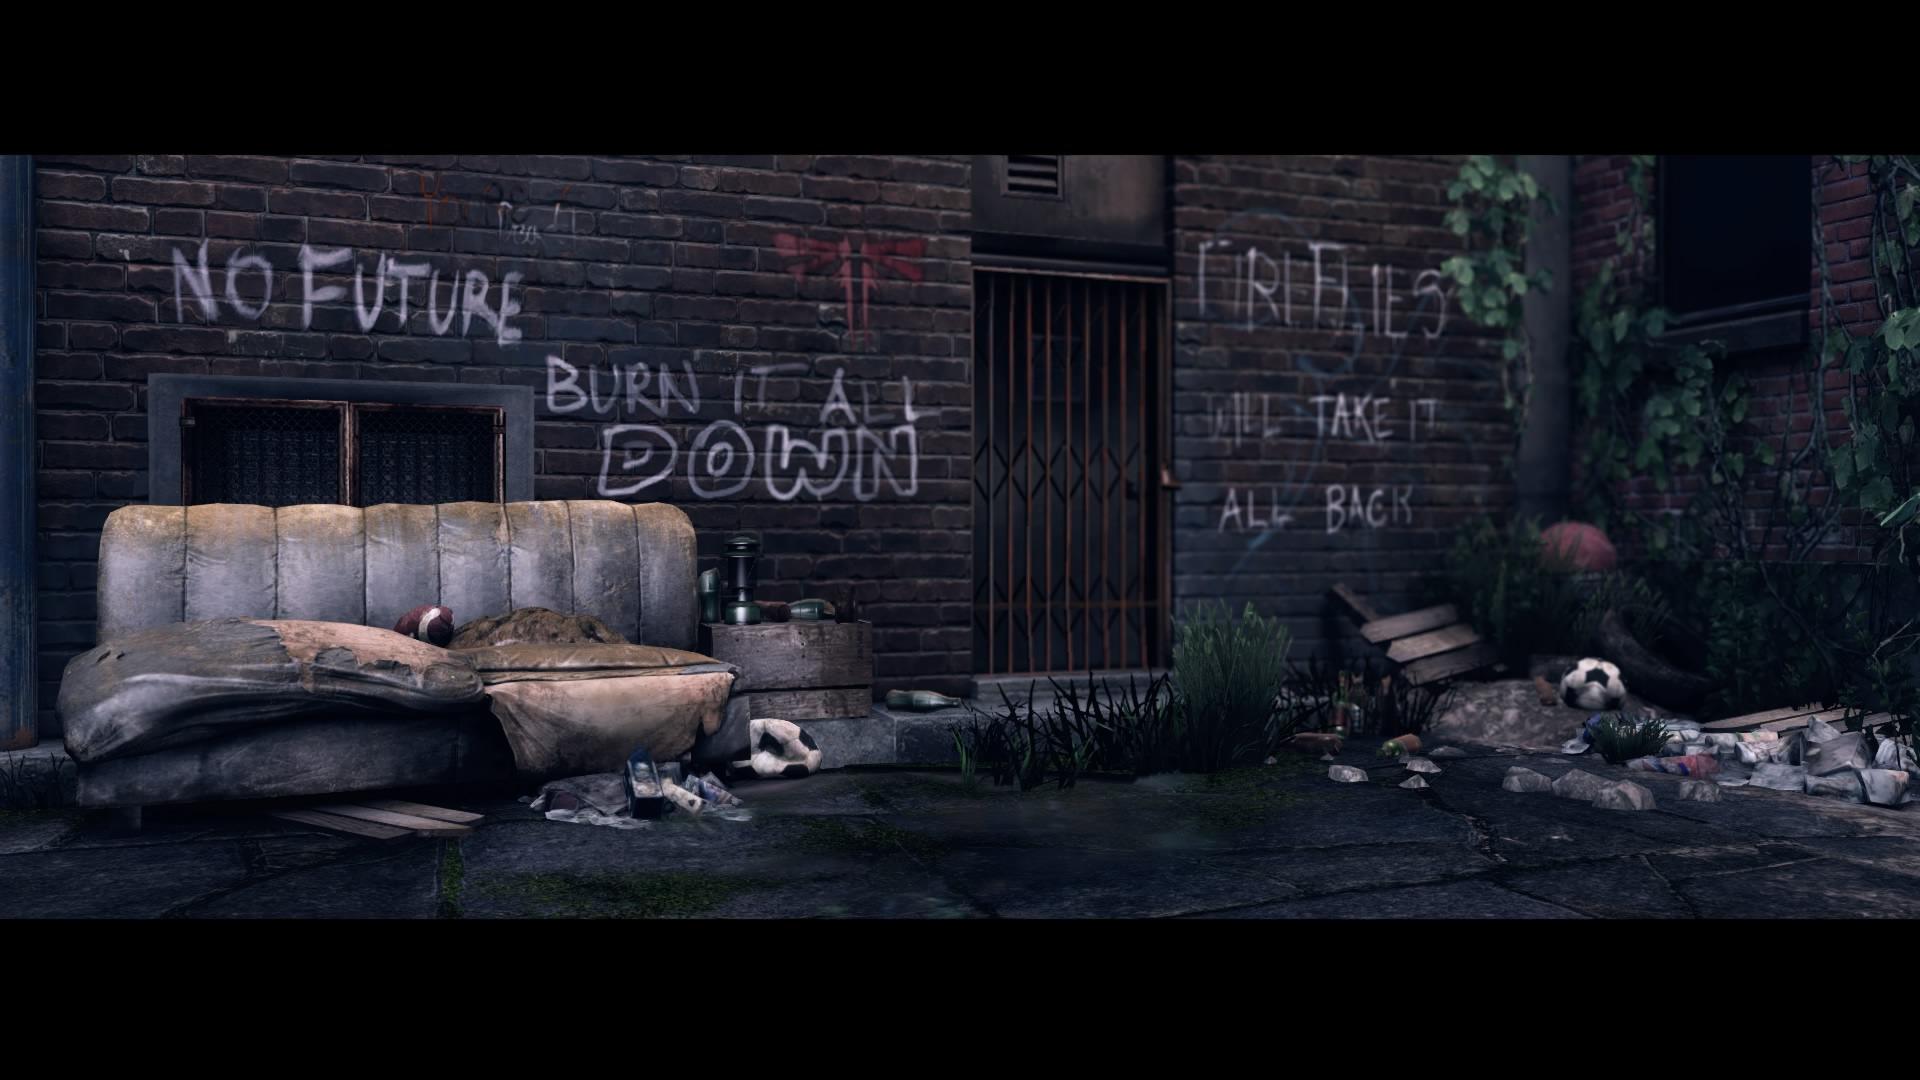 """Obwohl die Welt aus """"The Last of Us"""" so trostlos wirkt, bietet sie große Hoffnung für mich. (Bild: Marina Schölzel, erstellt mit Photomode des Spiels)"""